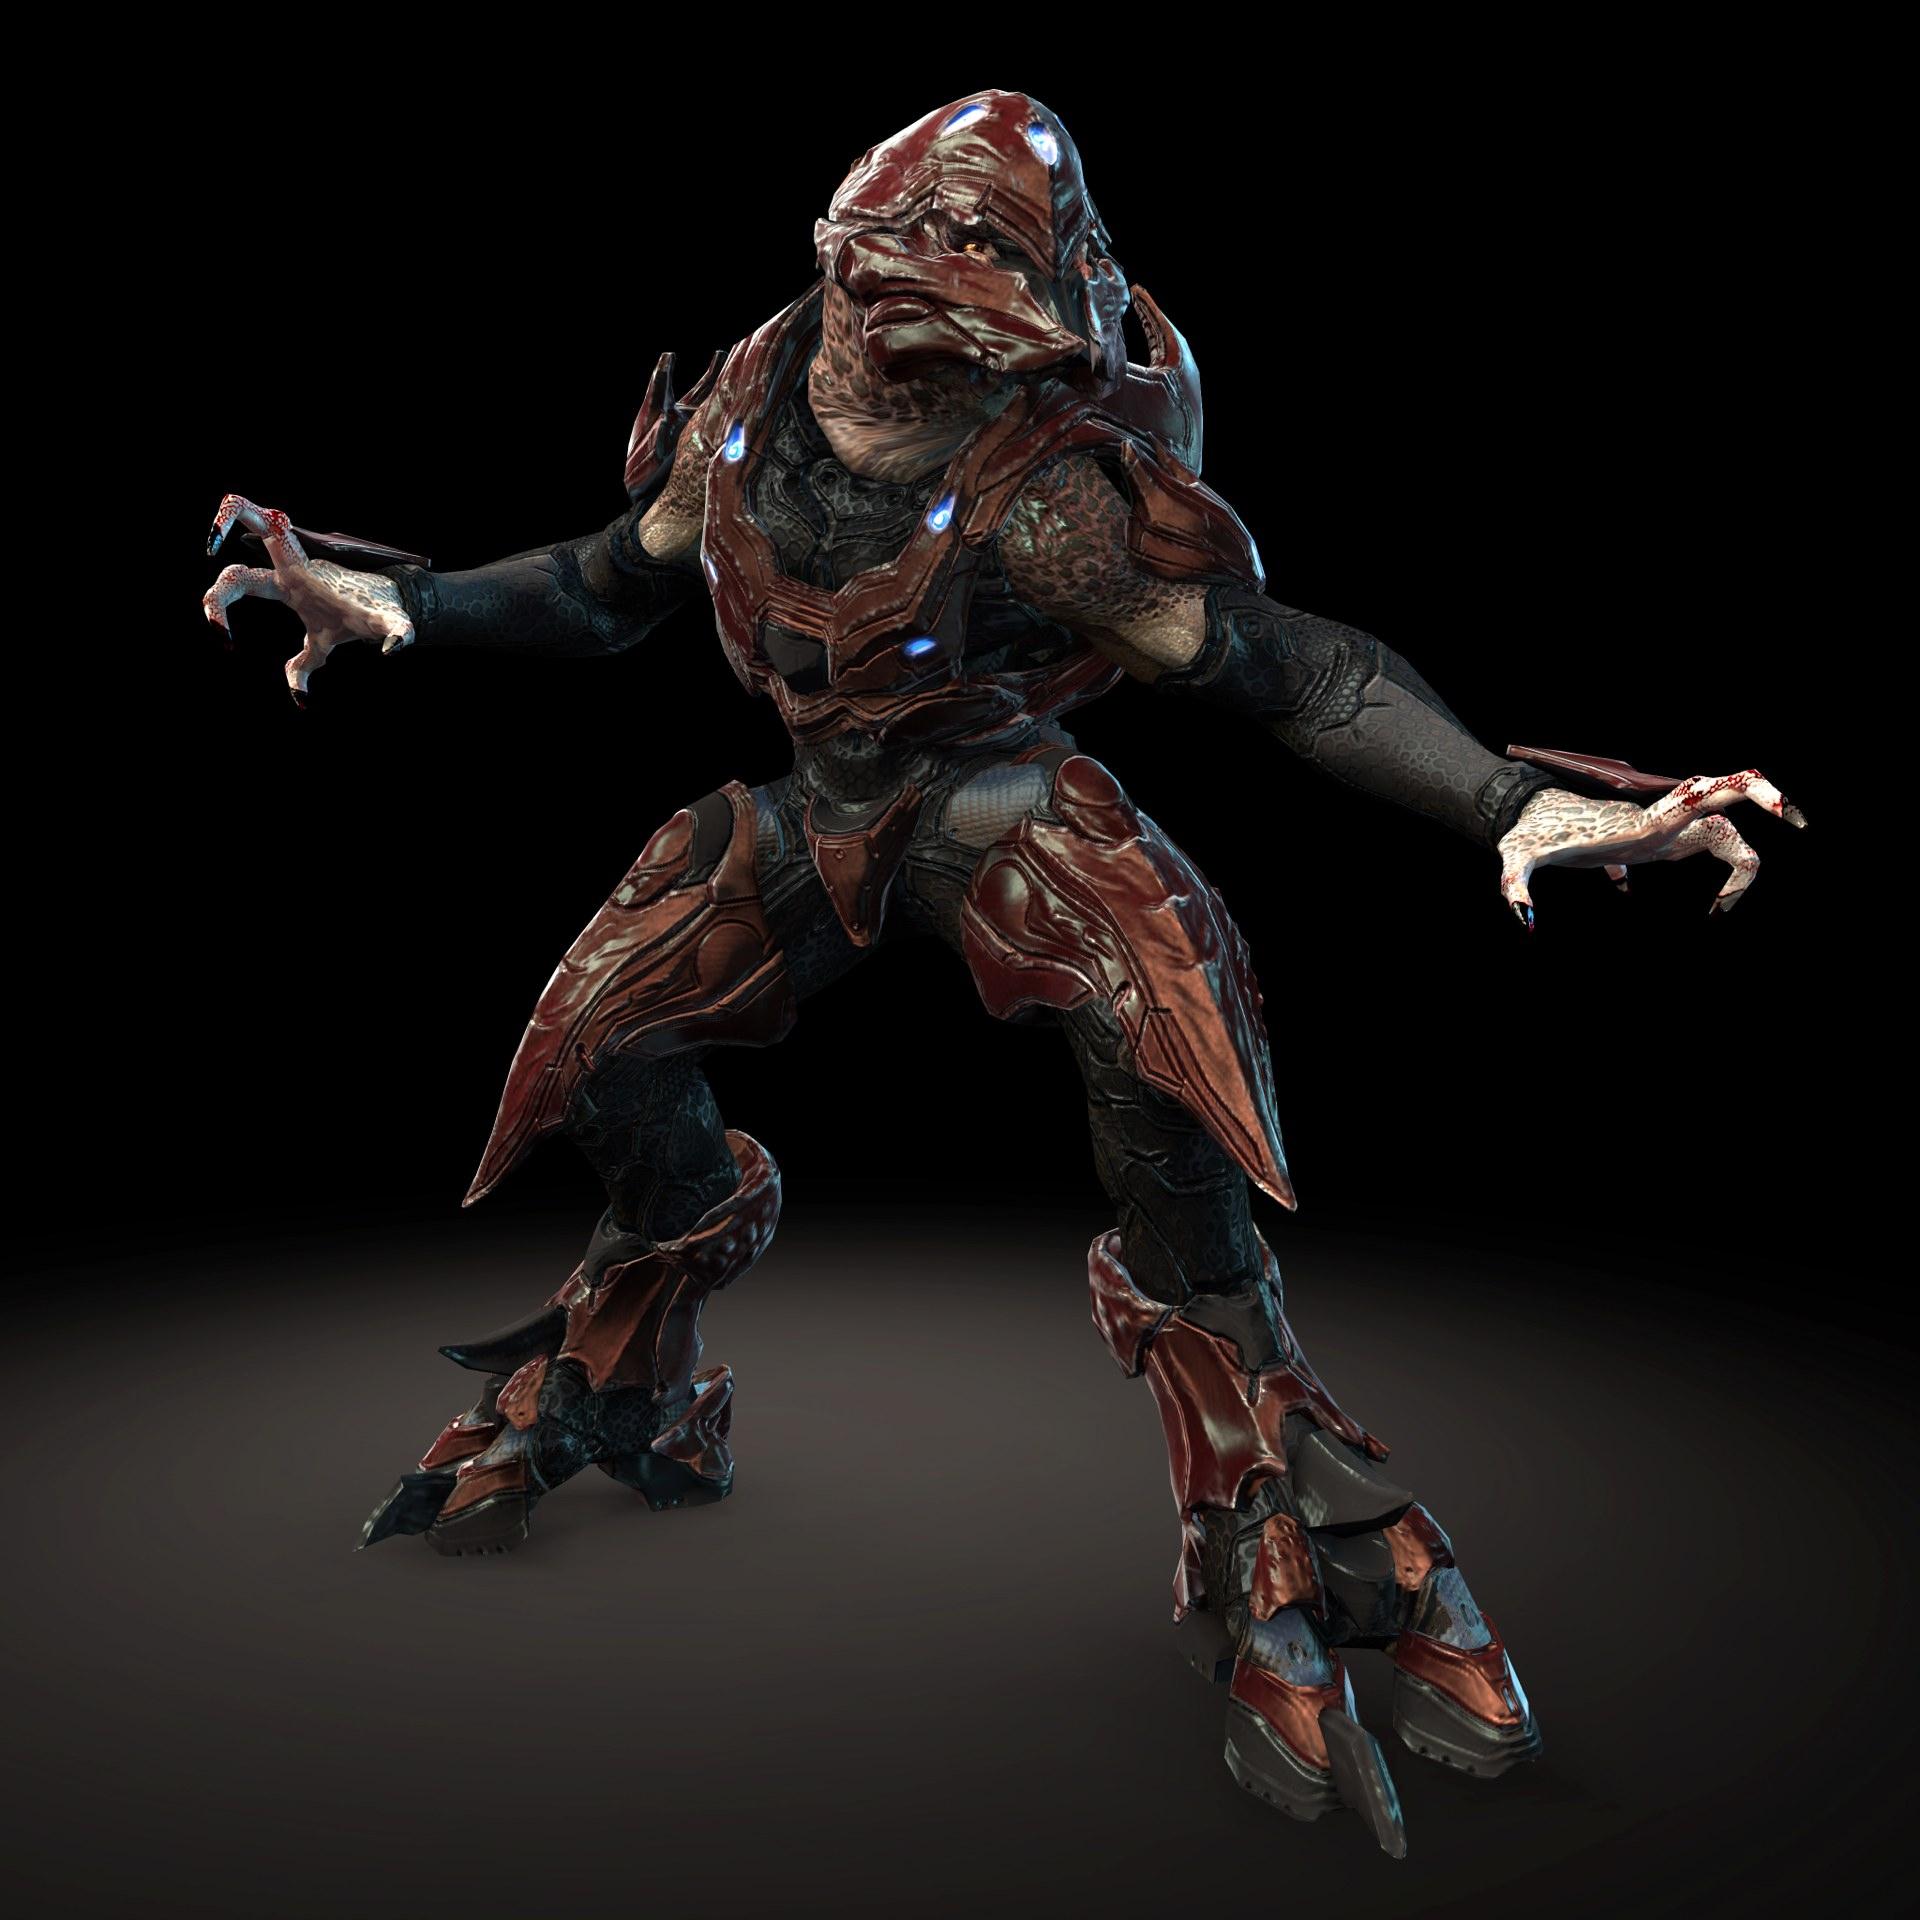 Halo 4 - Halo 4 Арт, Персонаж